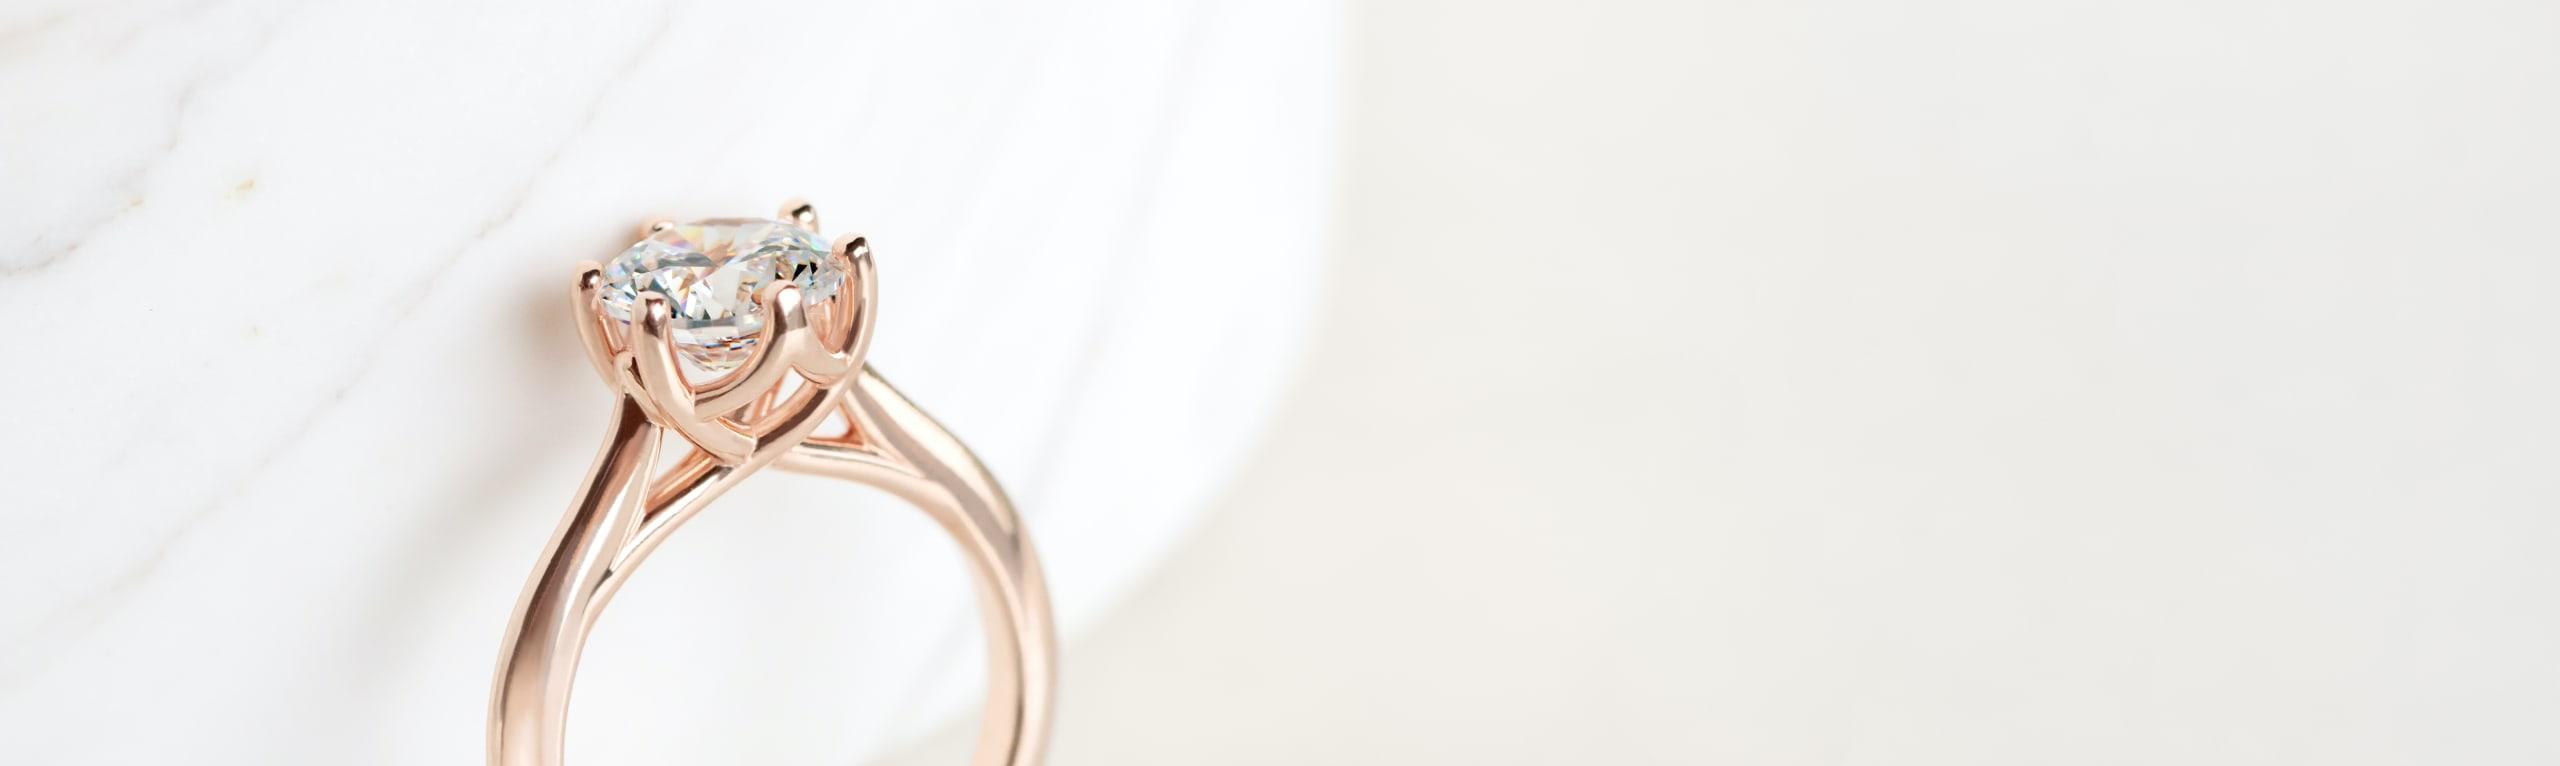 Bali Engagement Ring